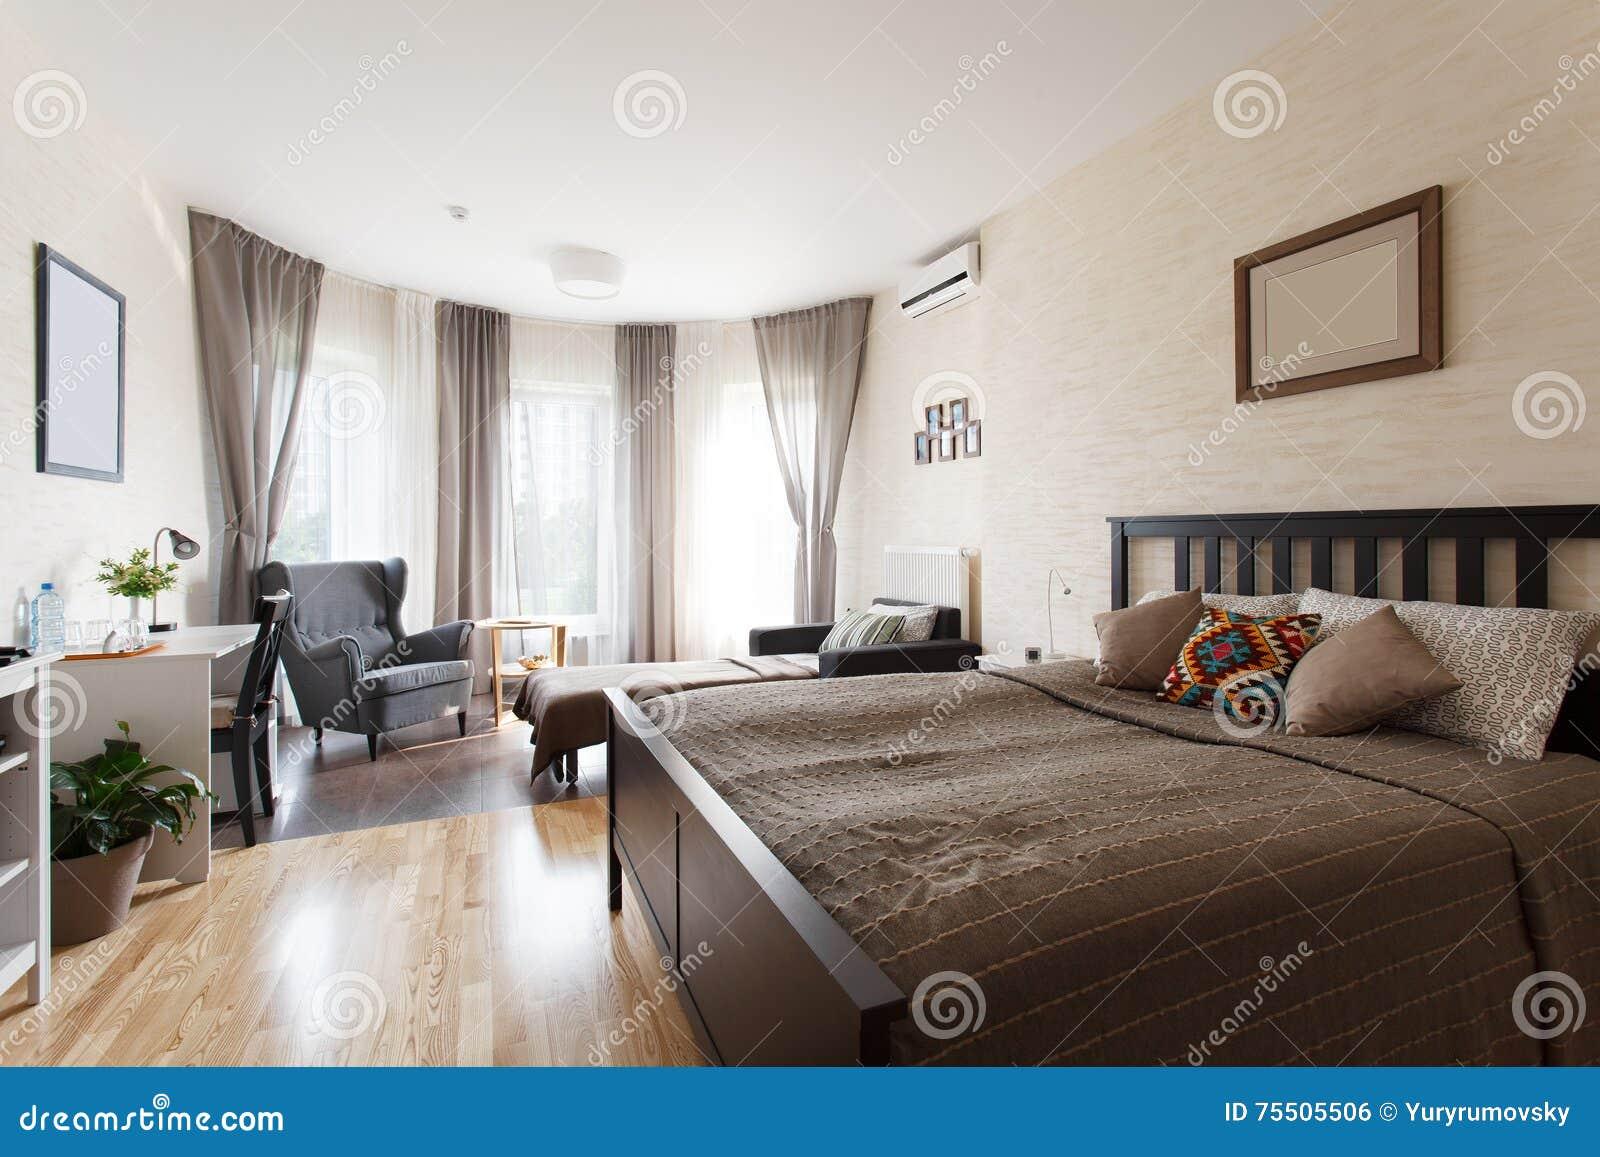 Skandinavisches Schlafzimmer Mit Grossem Fenster Stockfoto Bild Von